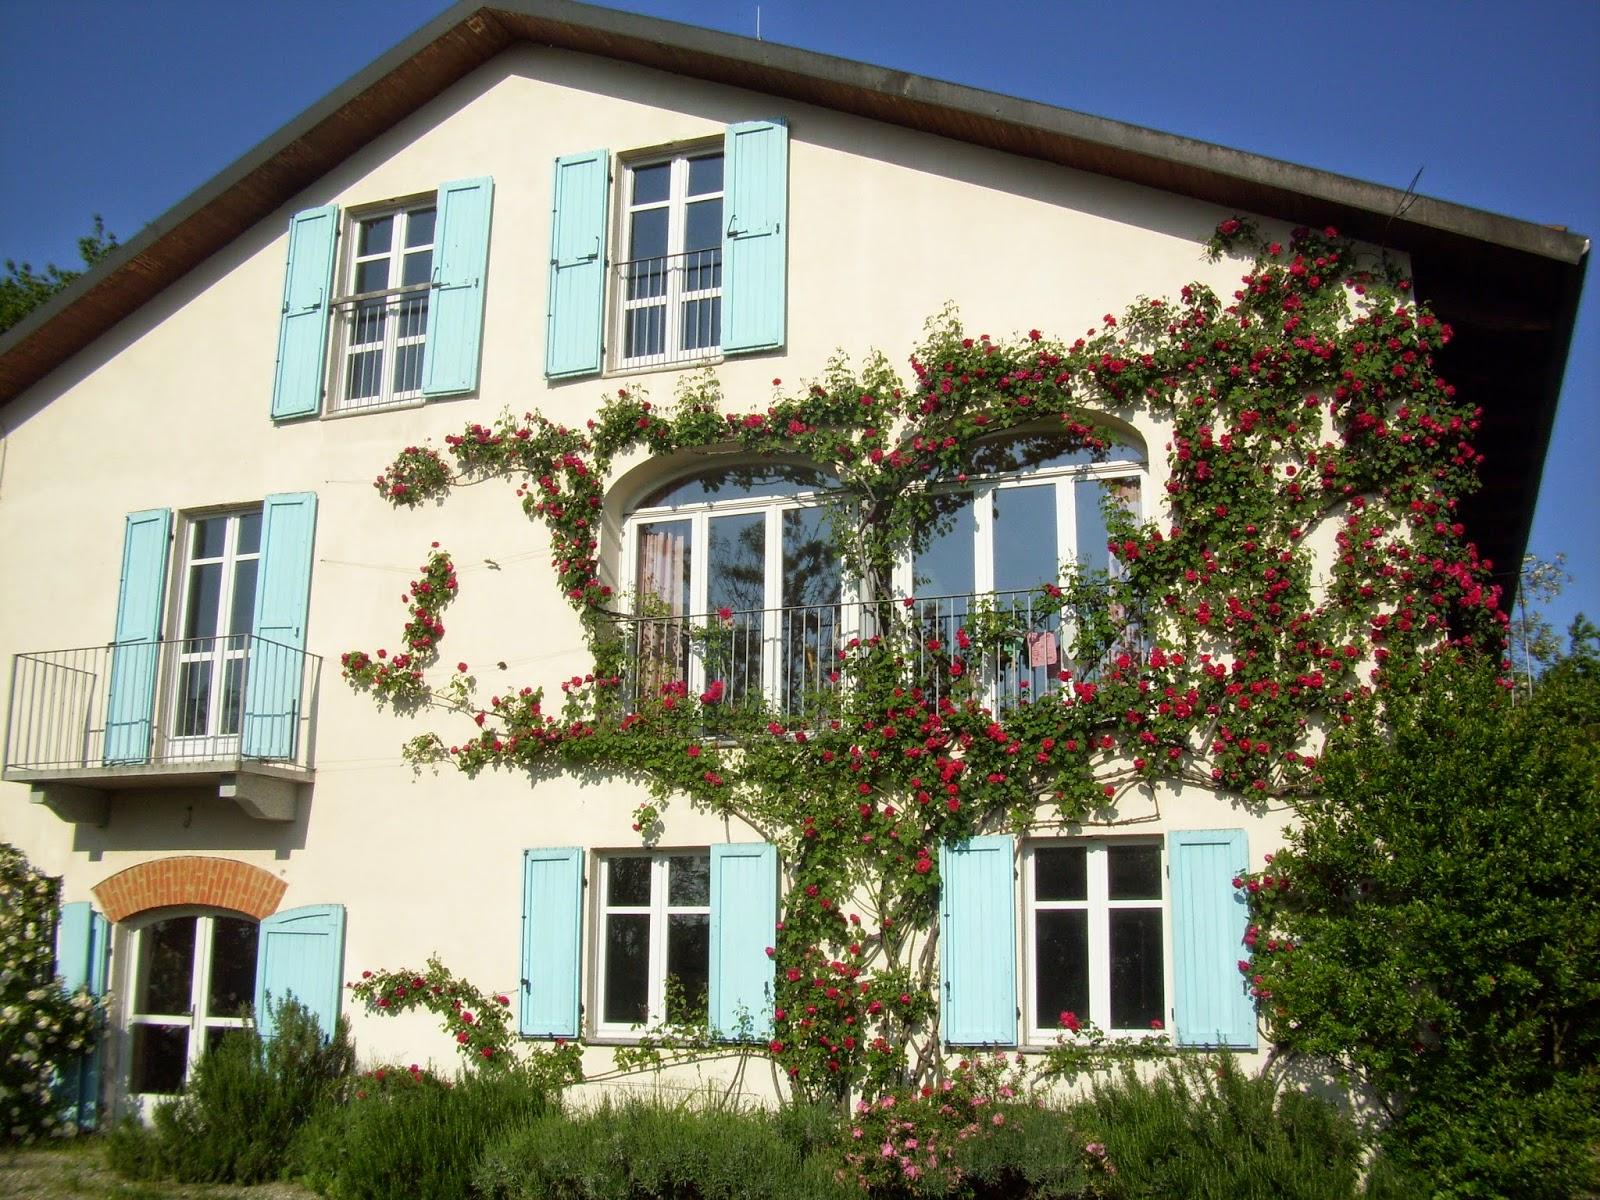 Foto che inquadra la facciata de Il Bricco con i finestroni avvolti dal meraviglioso roseto magenta